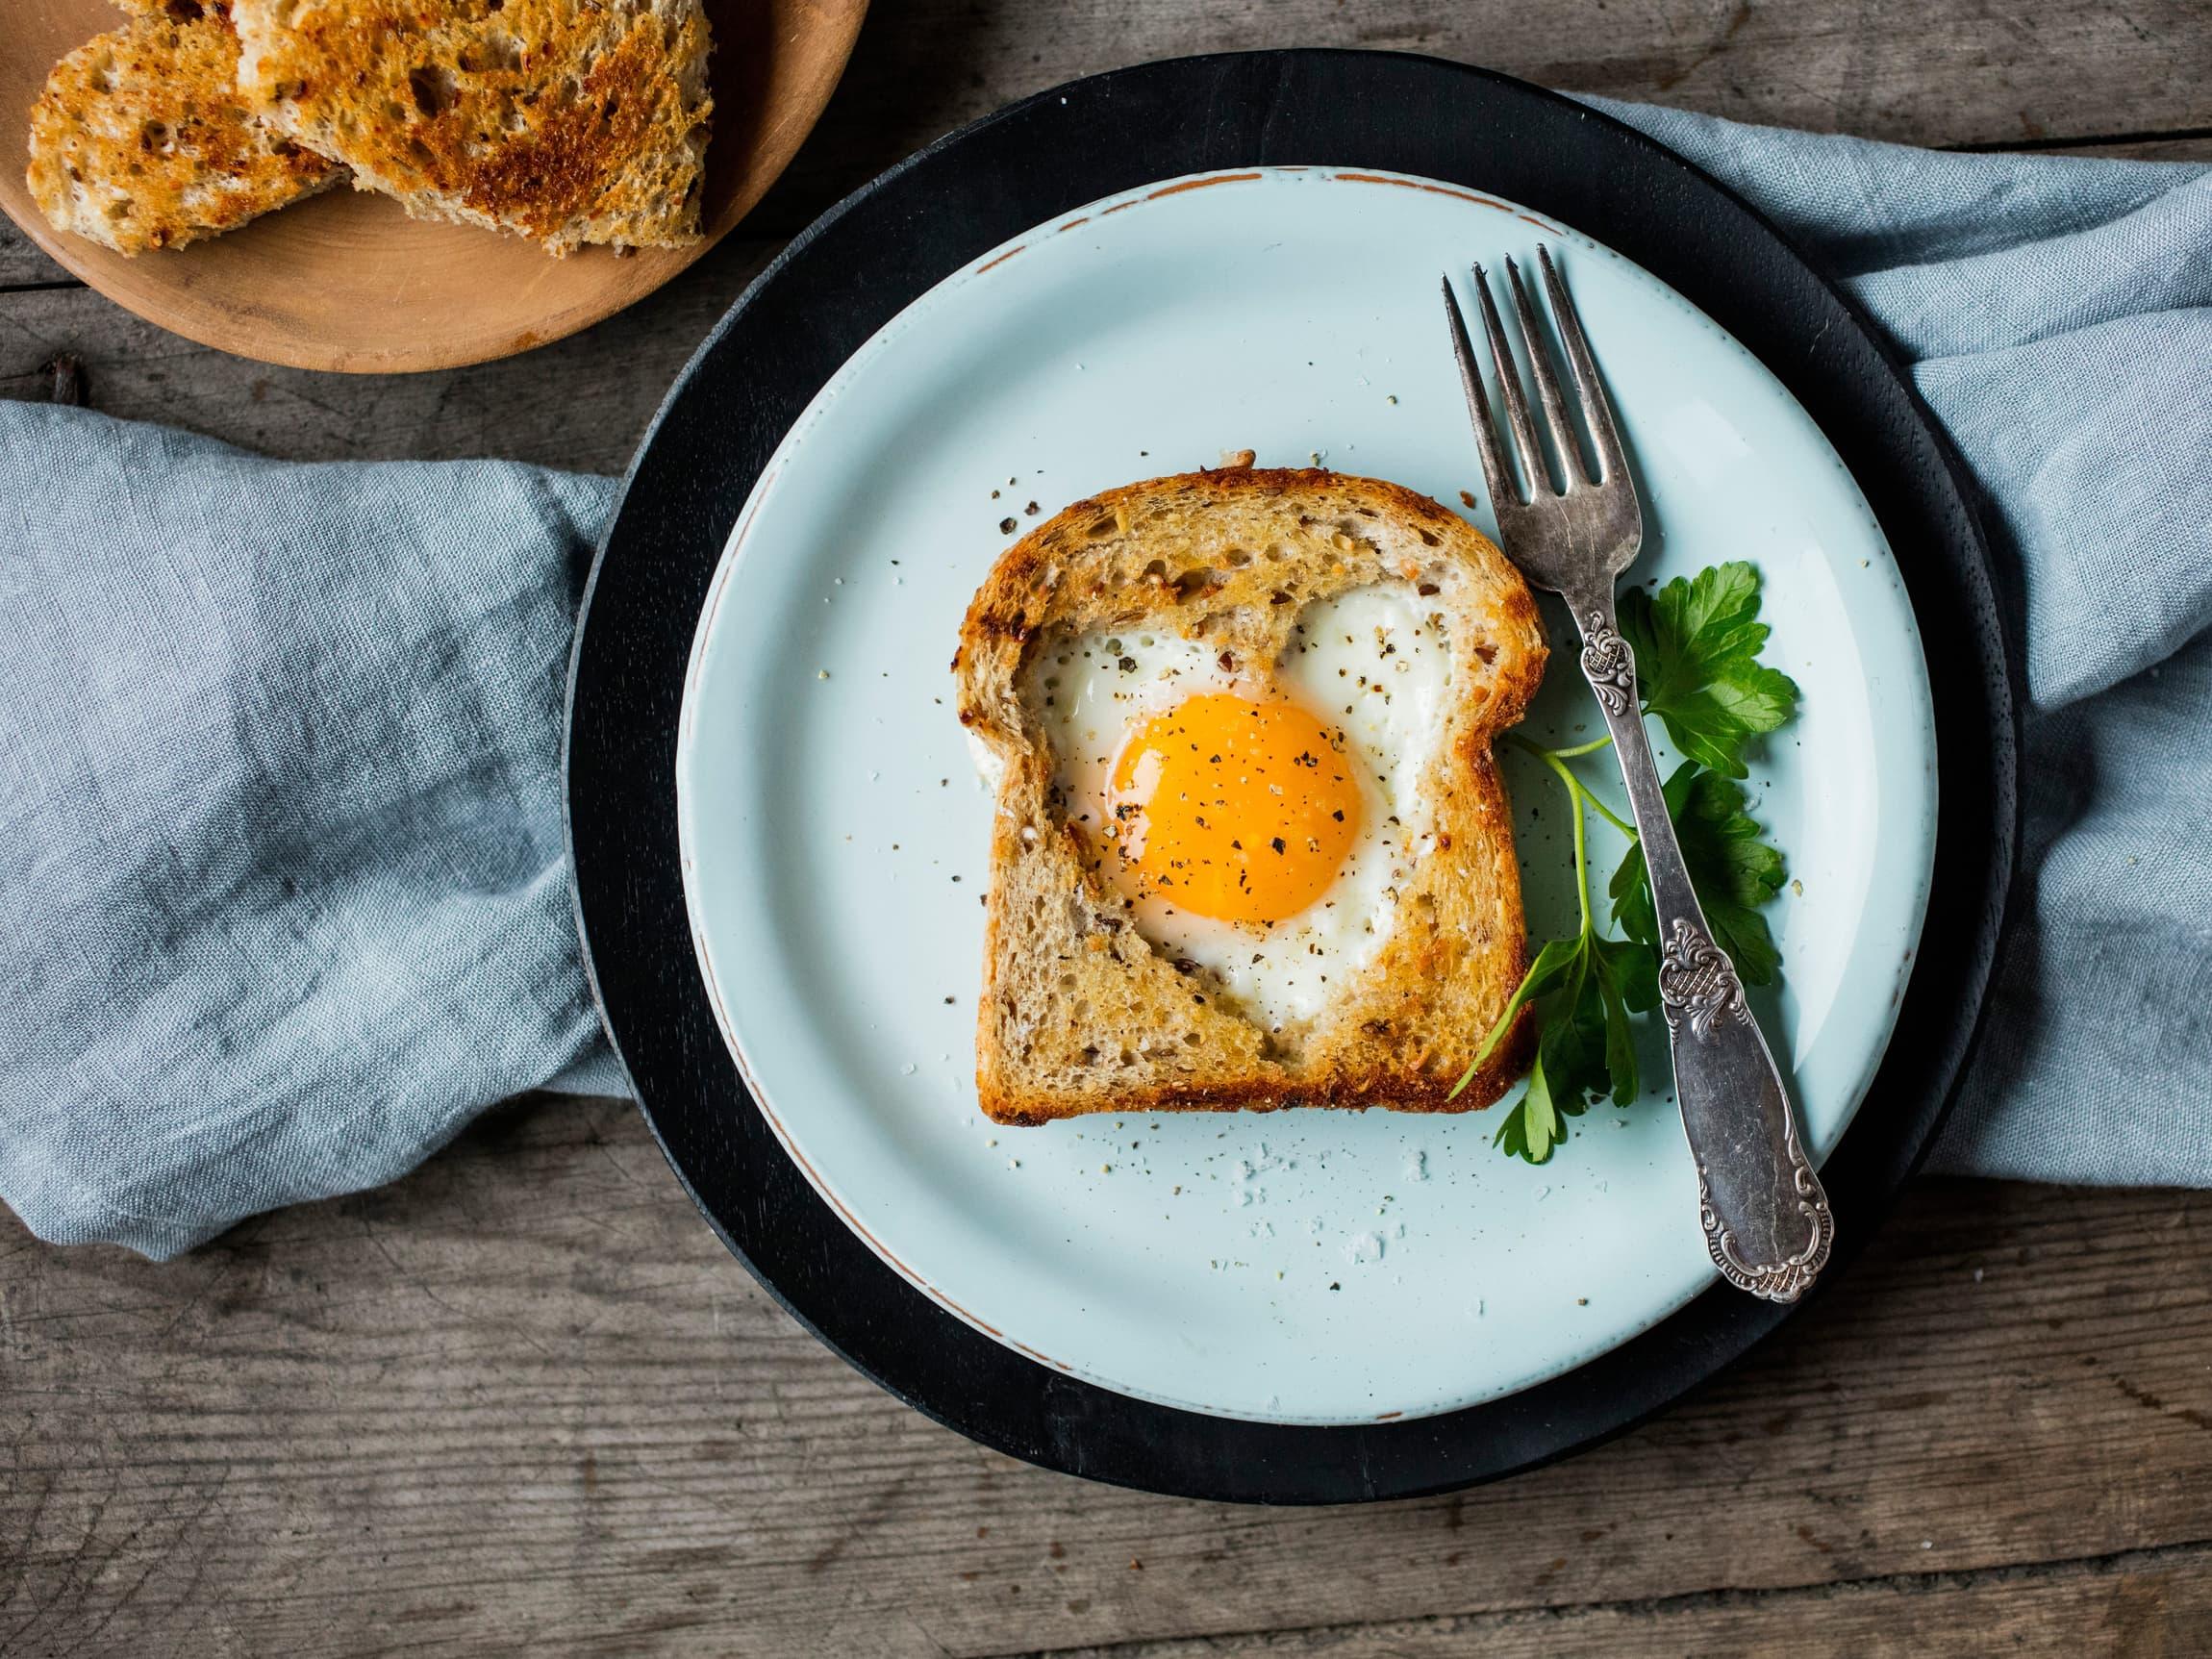 Bløtkokt eller hardkokt egg?